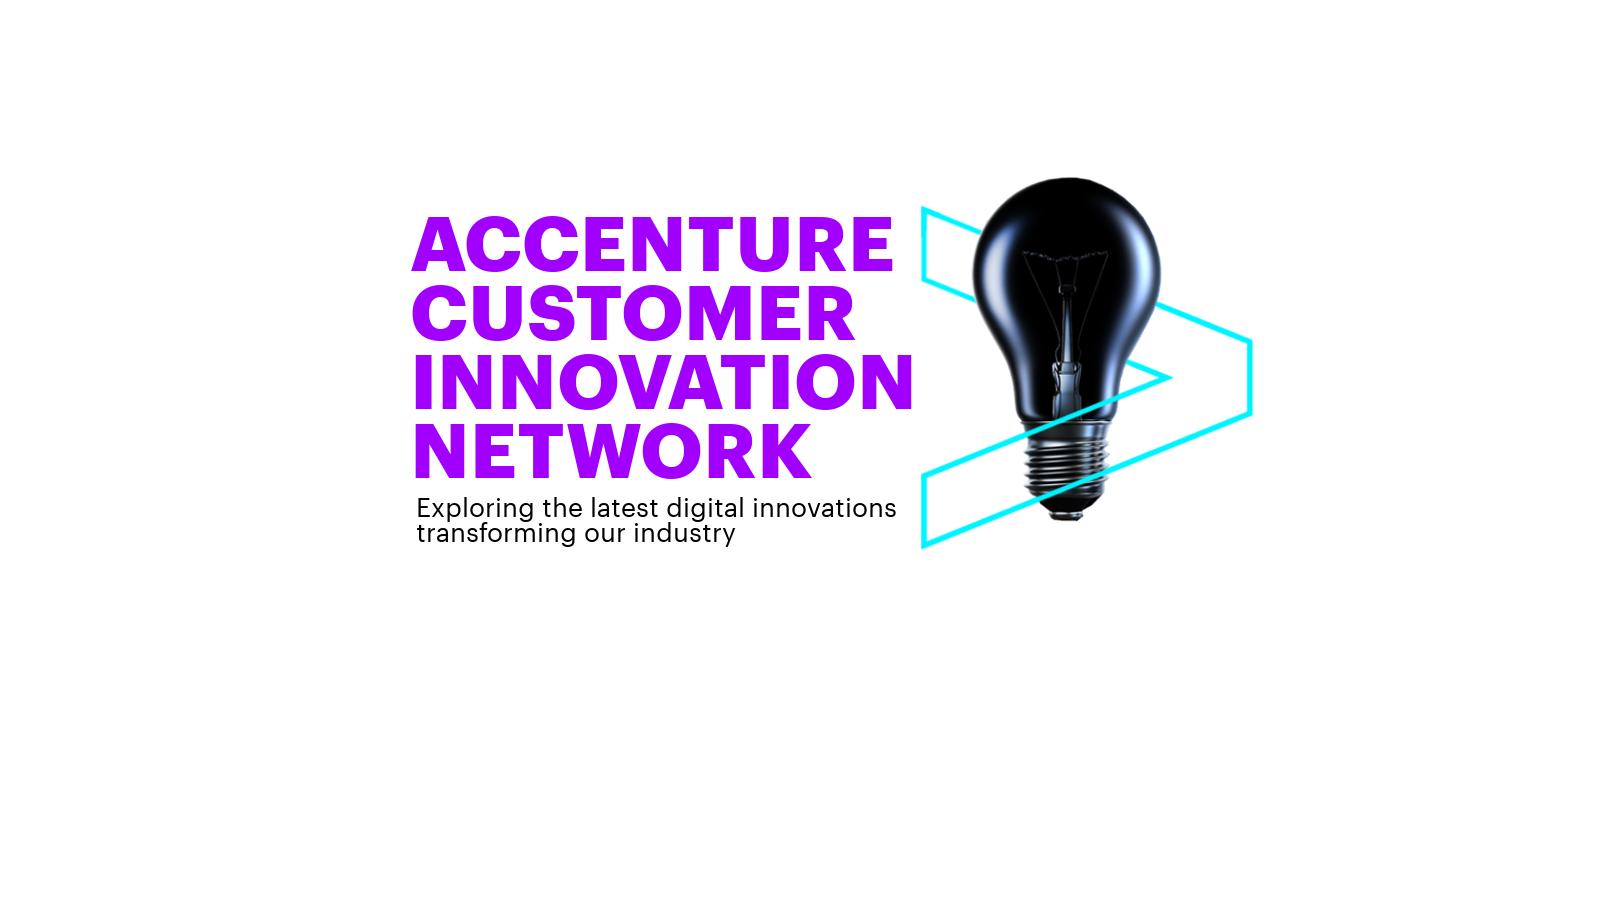 Customer Innovation Network